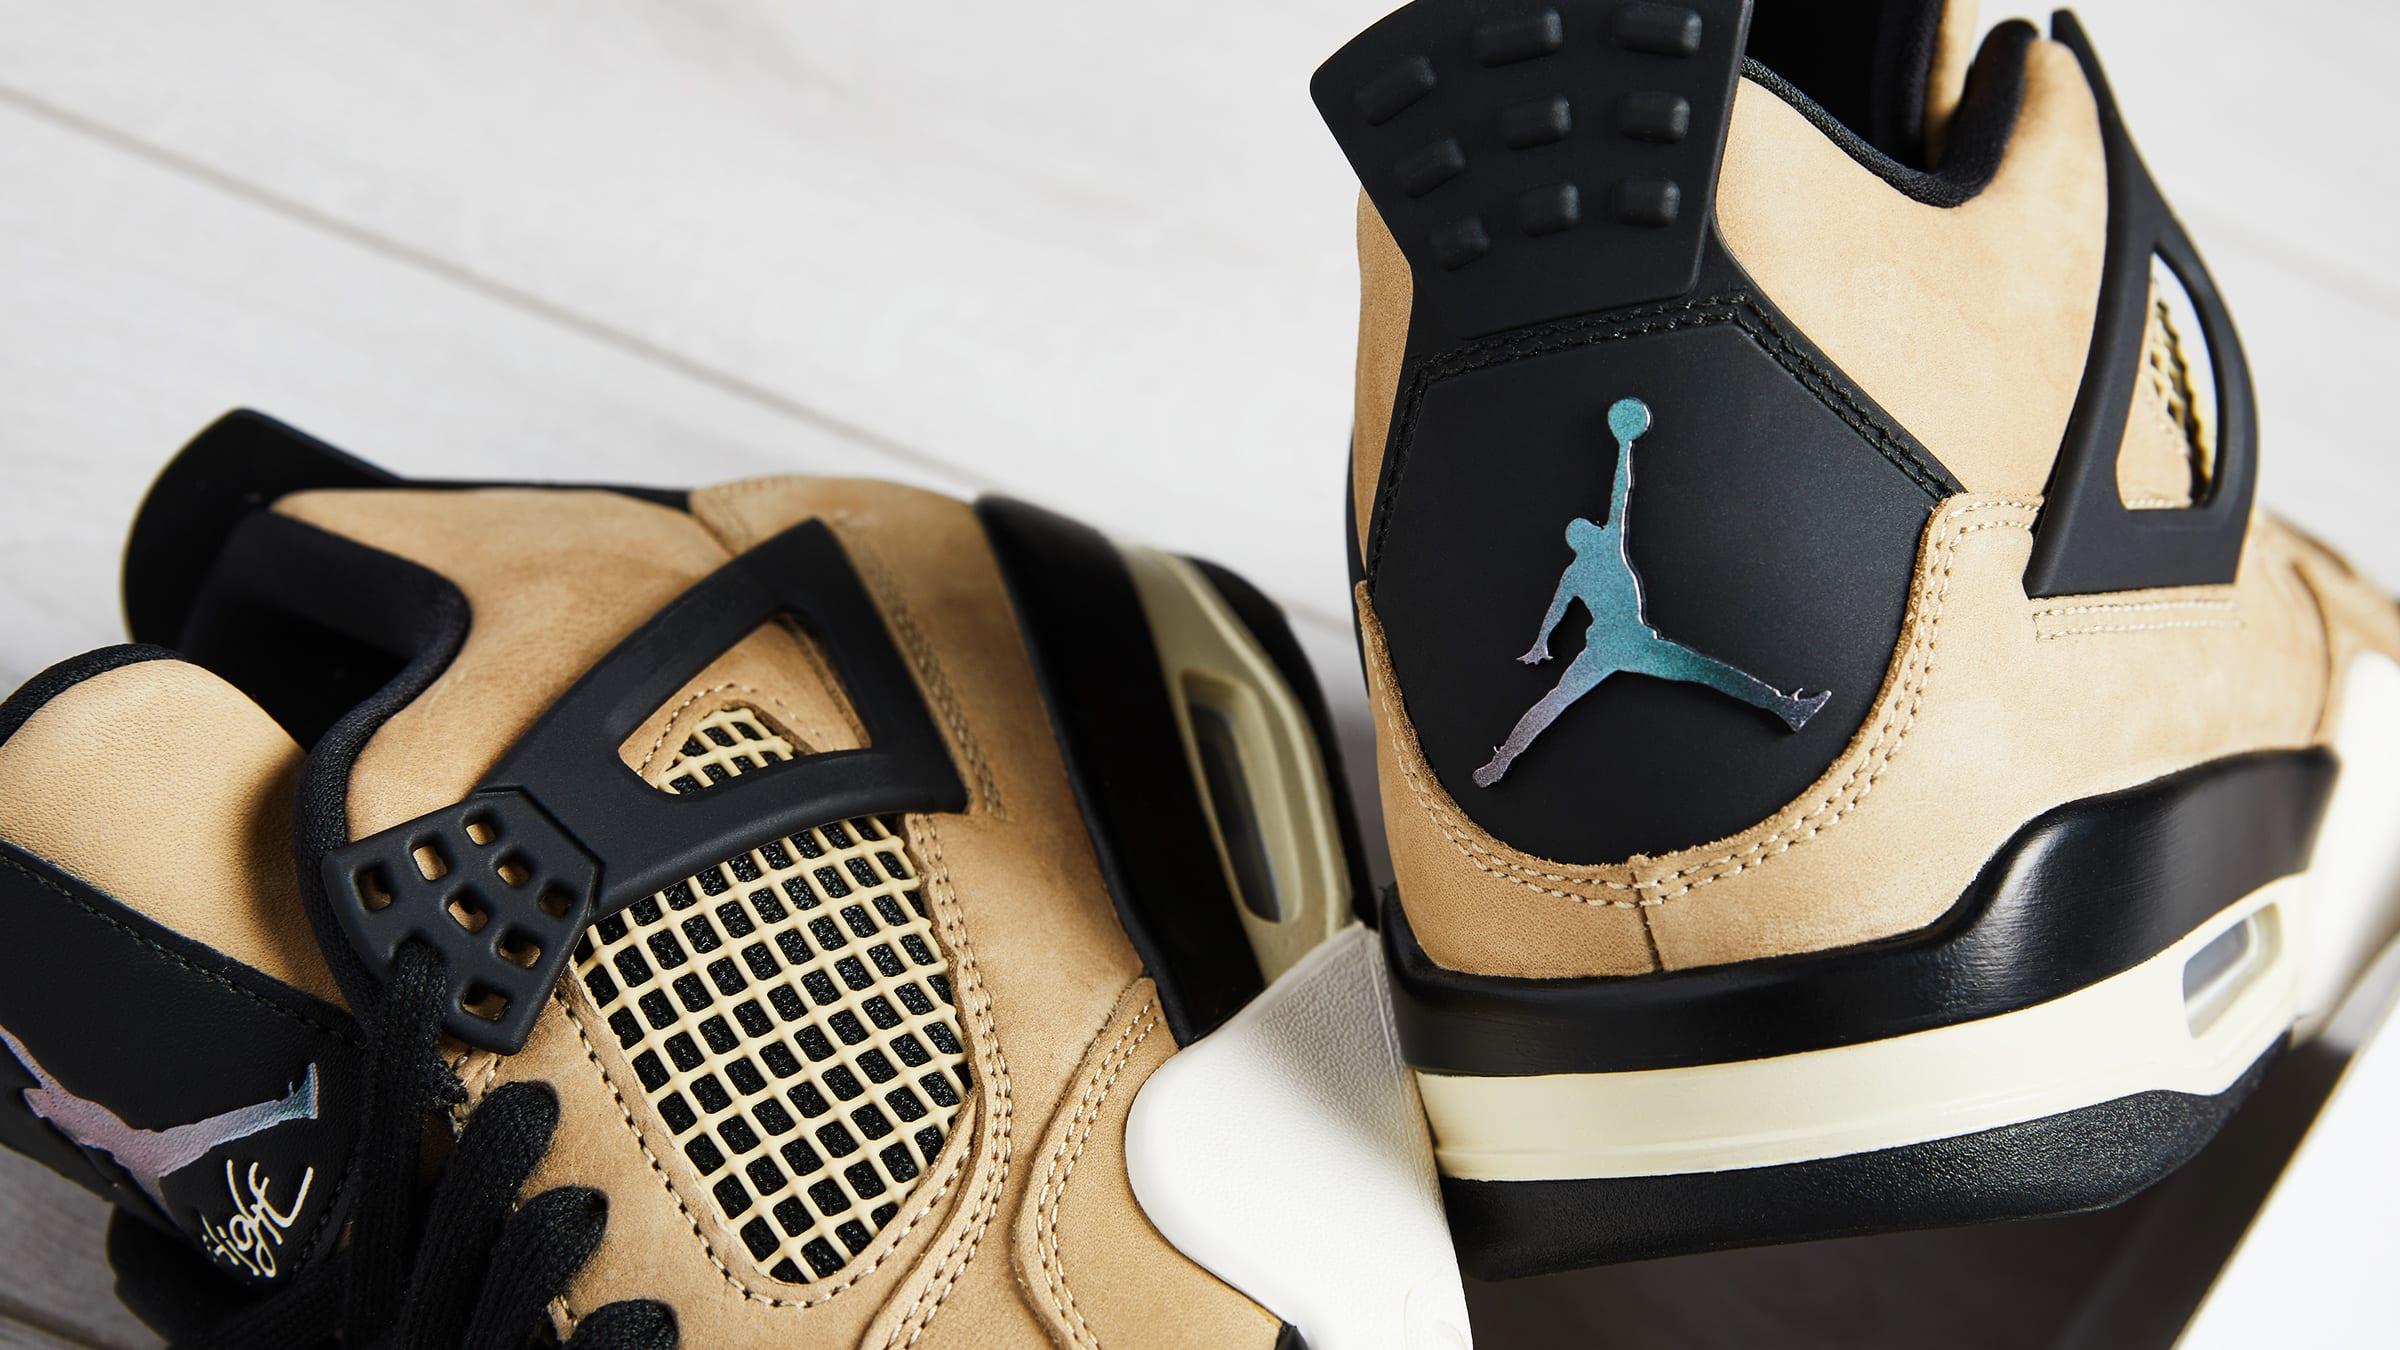 Nike Air Jordan 4 Retro W Mushroom shot by END. AQ9129-200